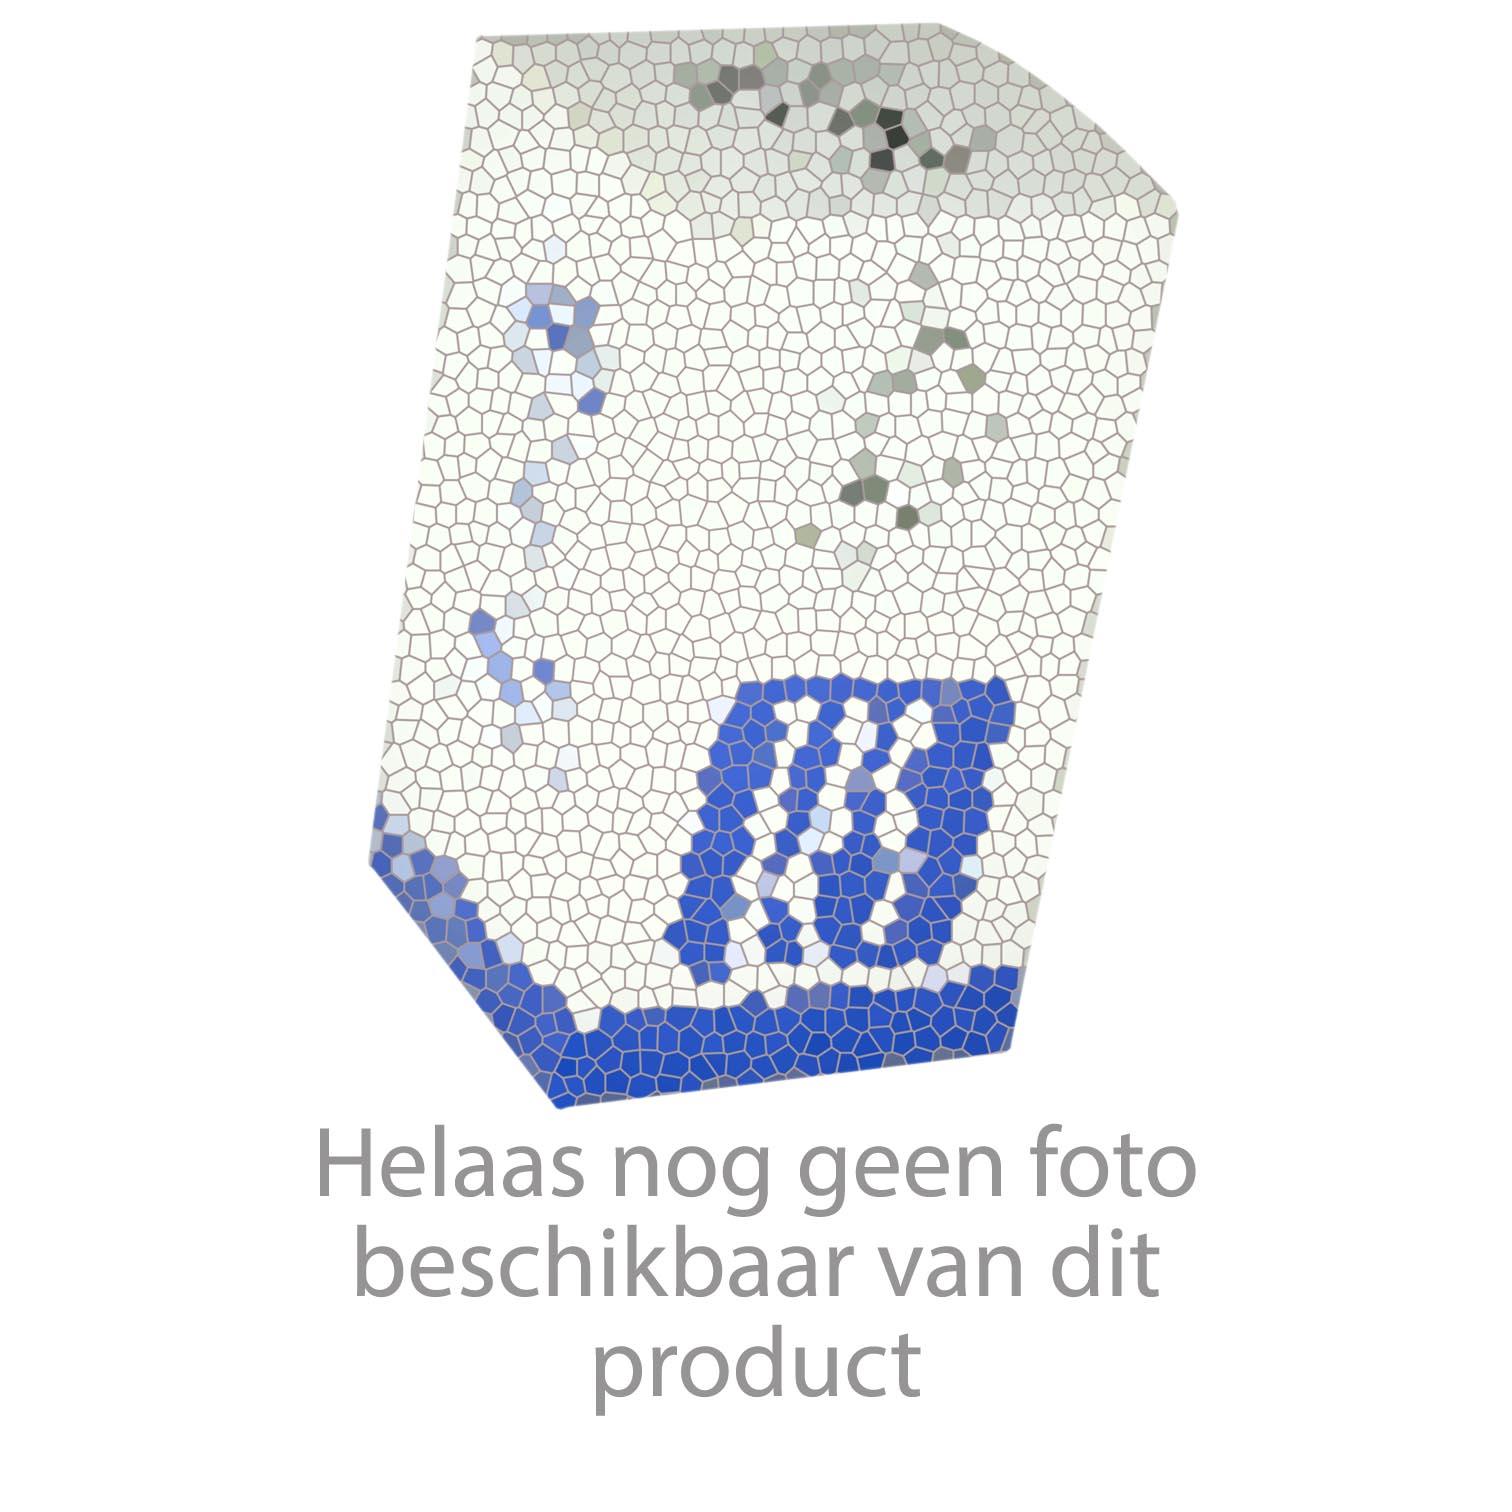 HansGrohe Keukenmengkranen Allegra Variarc productiejaar > 05/02 14878 onderdelen